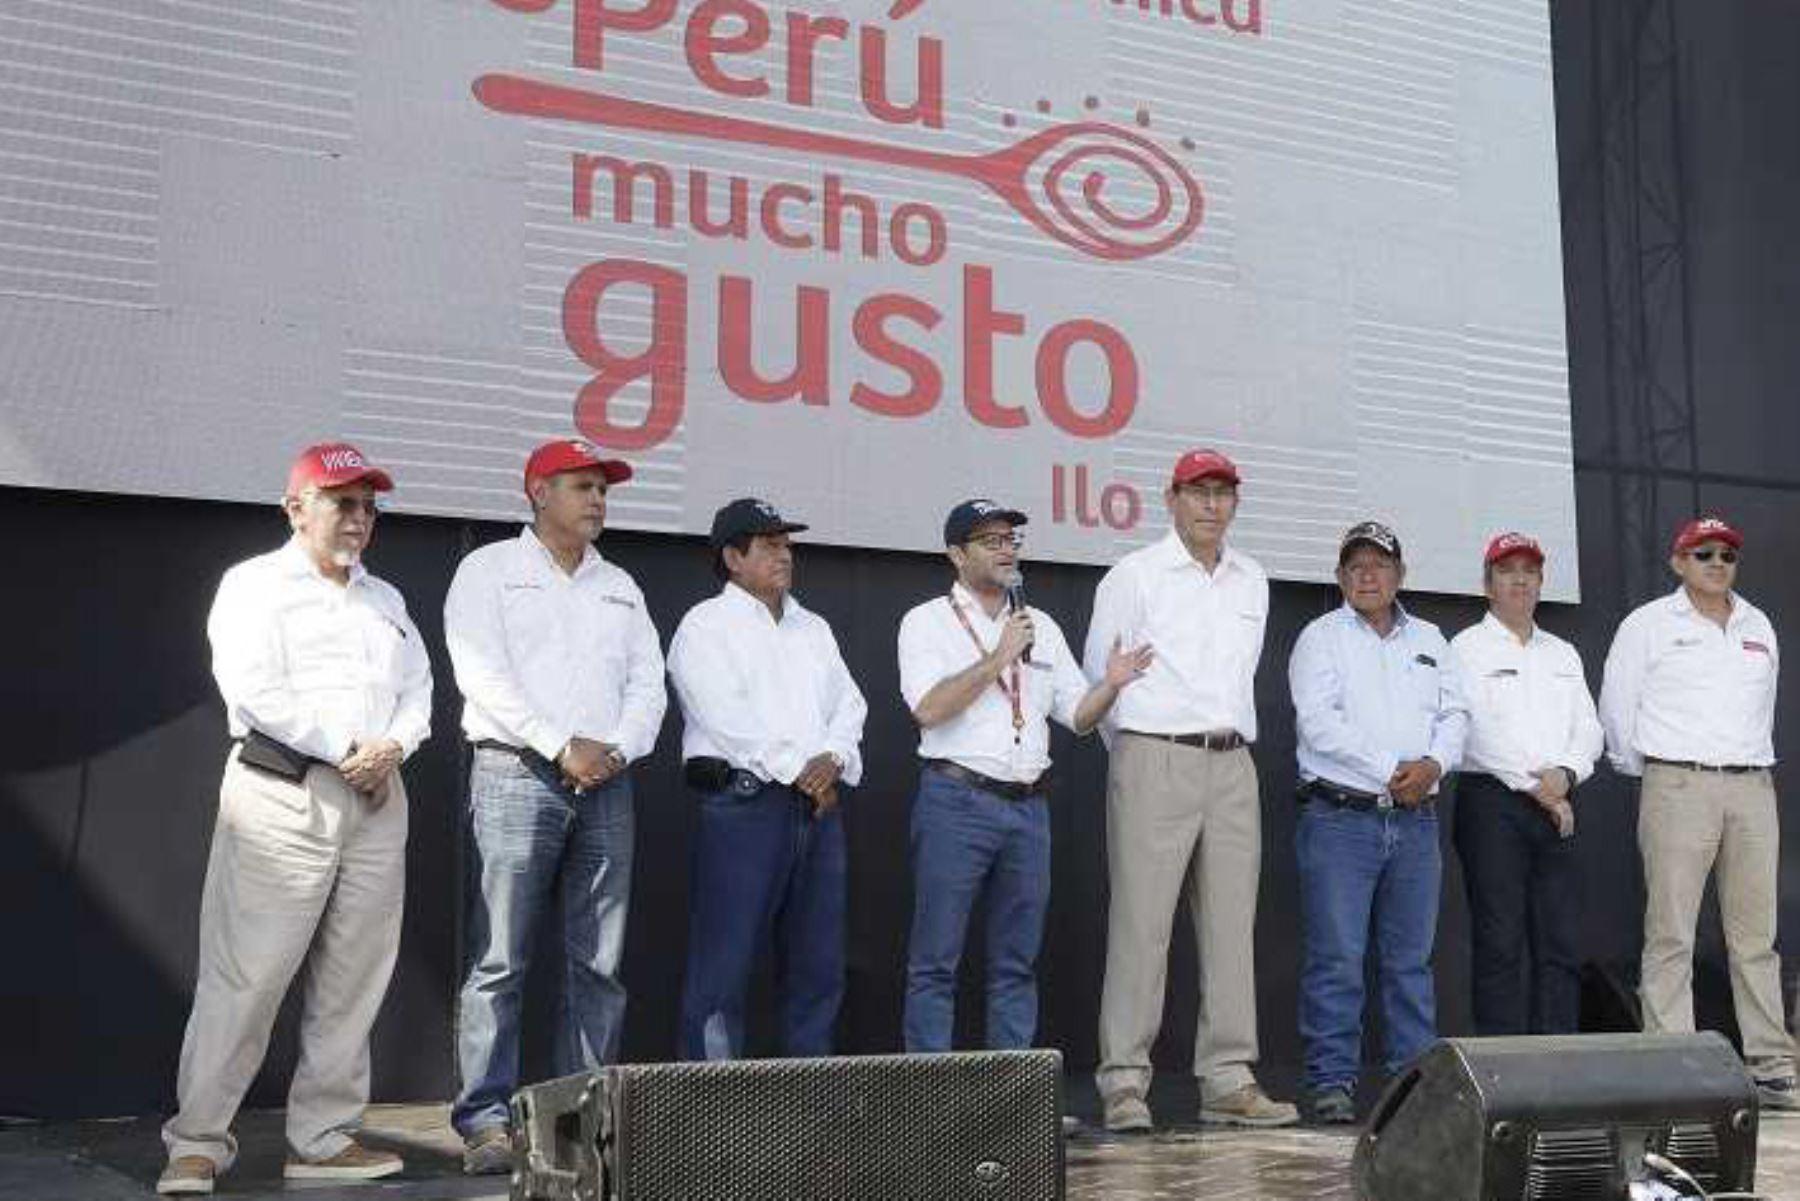 """El ministro de Comercio Exterior y Turismo, Edgar Vásquez, estimó que la feria gastronómica """"Perú, mucho gusto"""", inaugurada hoy en la ciudad de Ilo, región Moquegua, y que va hasta este domingo 13 de enero, espera la visita de 20,000 personas y generará un impacto económico de 3 millones de soles en la región."""